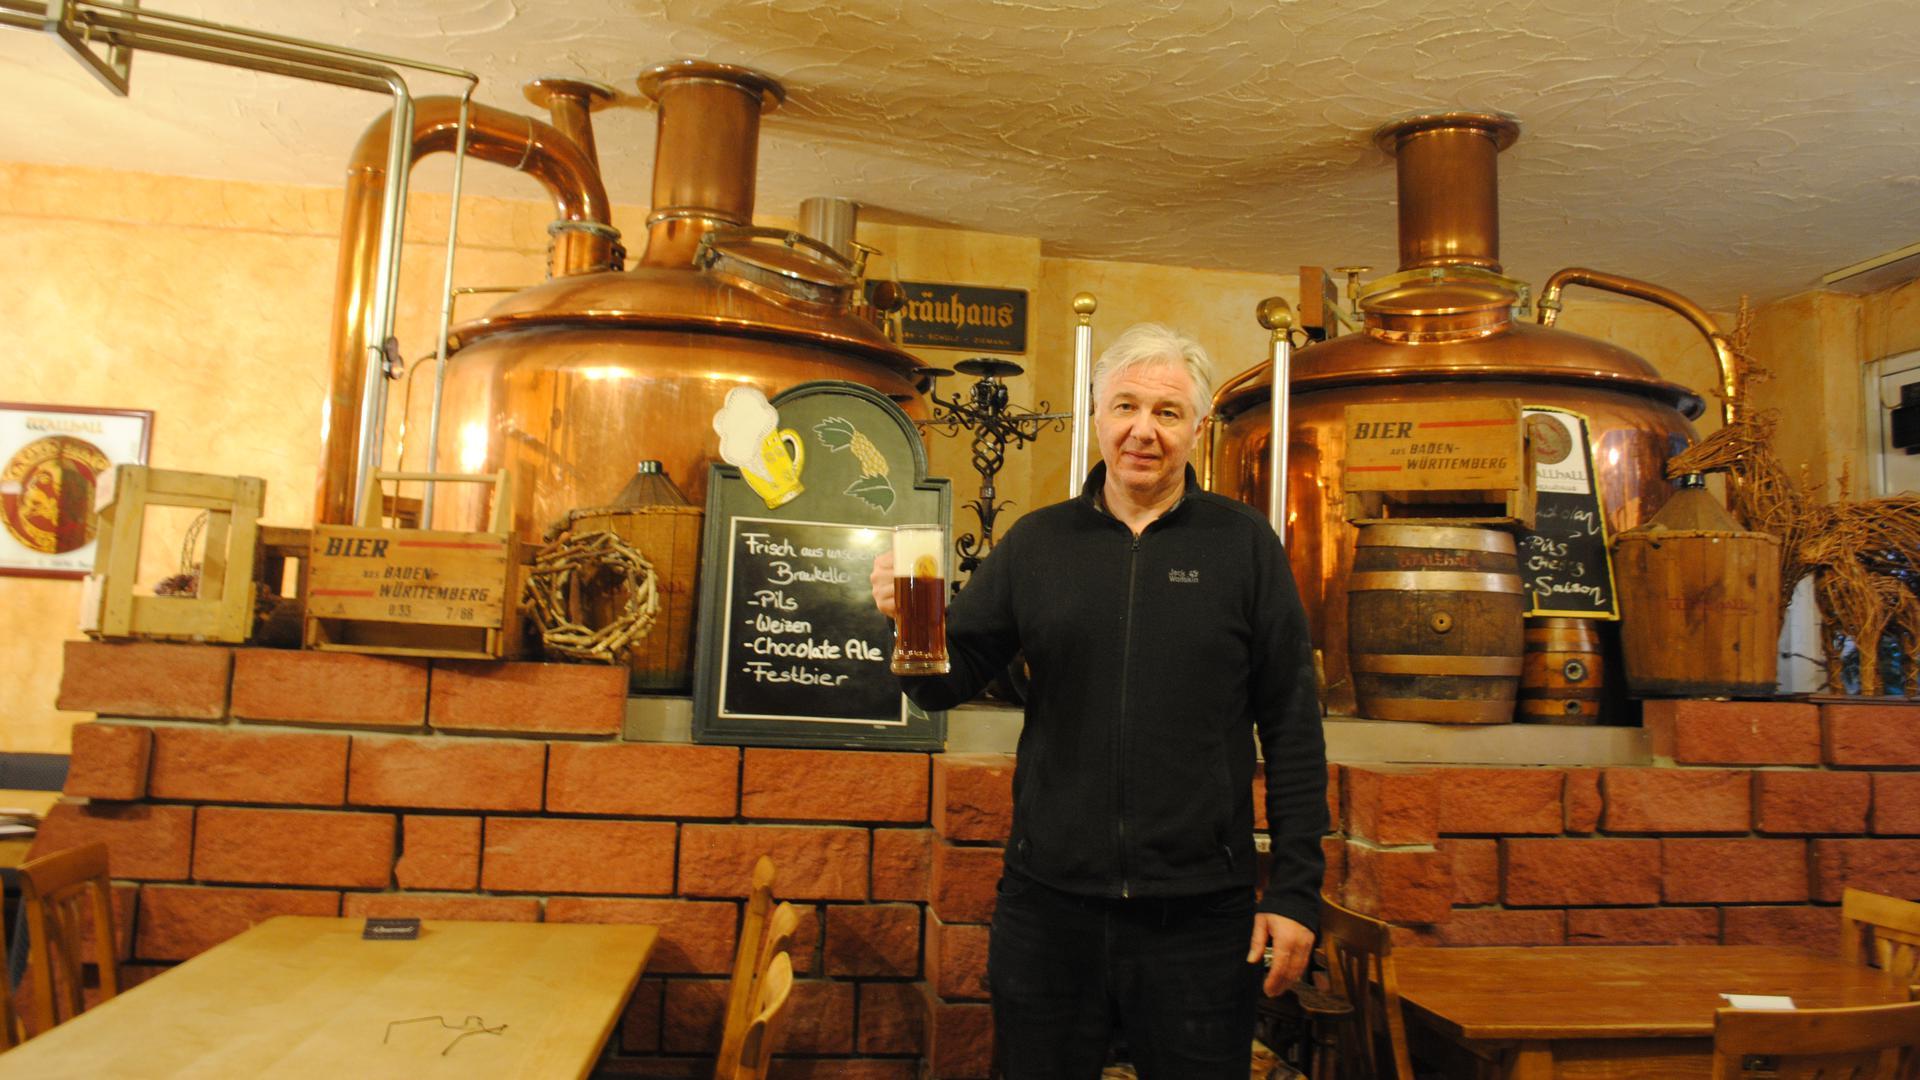 Christian Hochhaus steht mit einem Bier in der Hand vor den Bierfässern in seinem Brauhaus